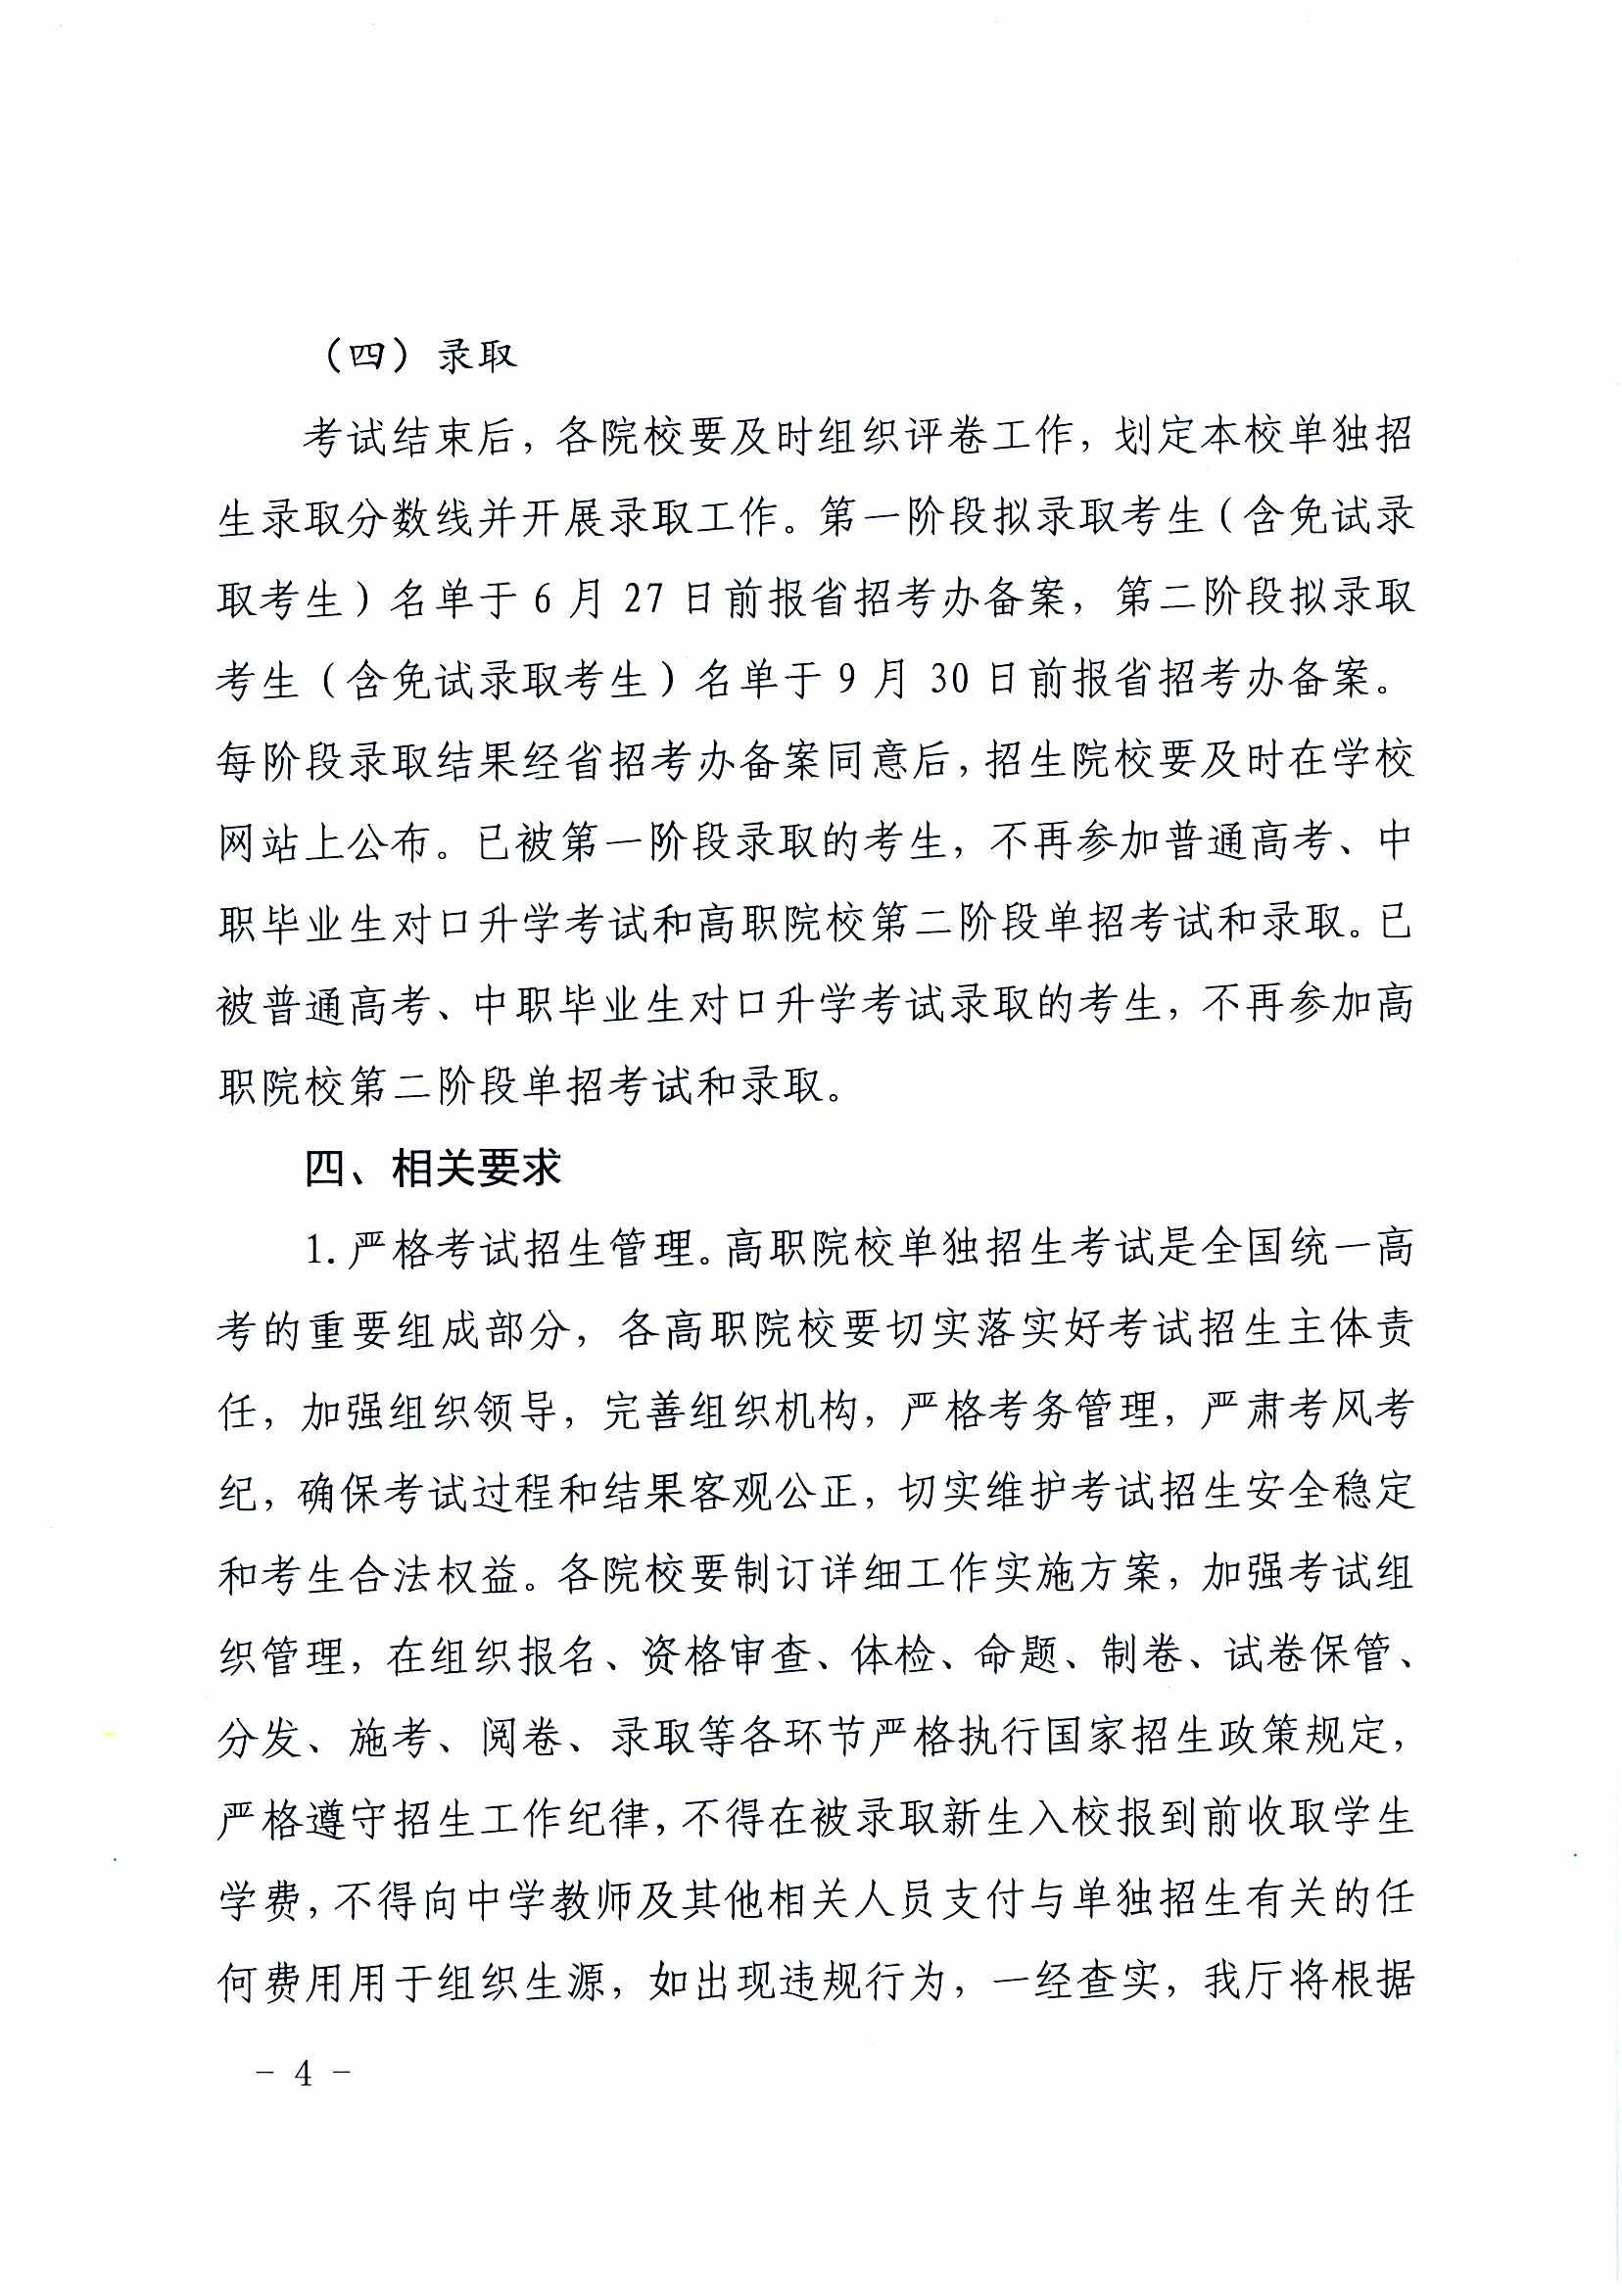 辽宁省教育厅关于开展2020年高等职业院校单独考试招生工作的......_页面_4